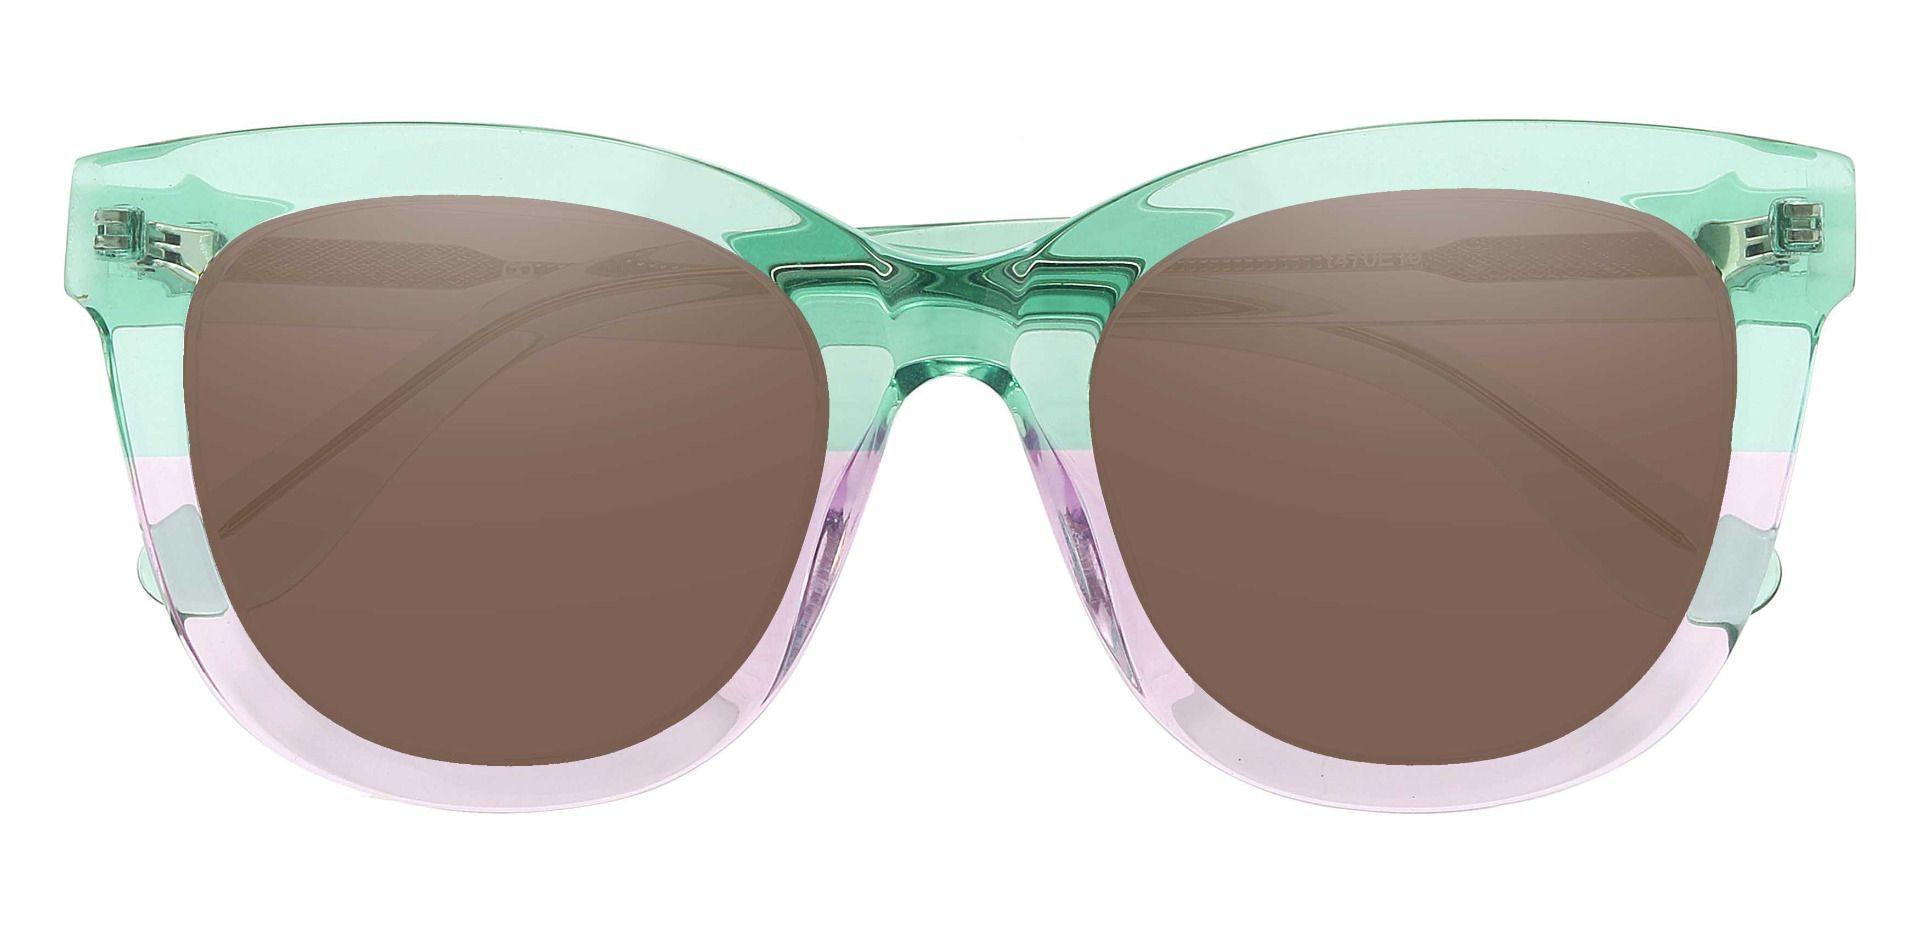 Delphi Square Prescription Sunglasses - Green Frame With Brown Lenses